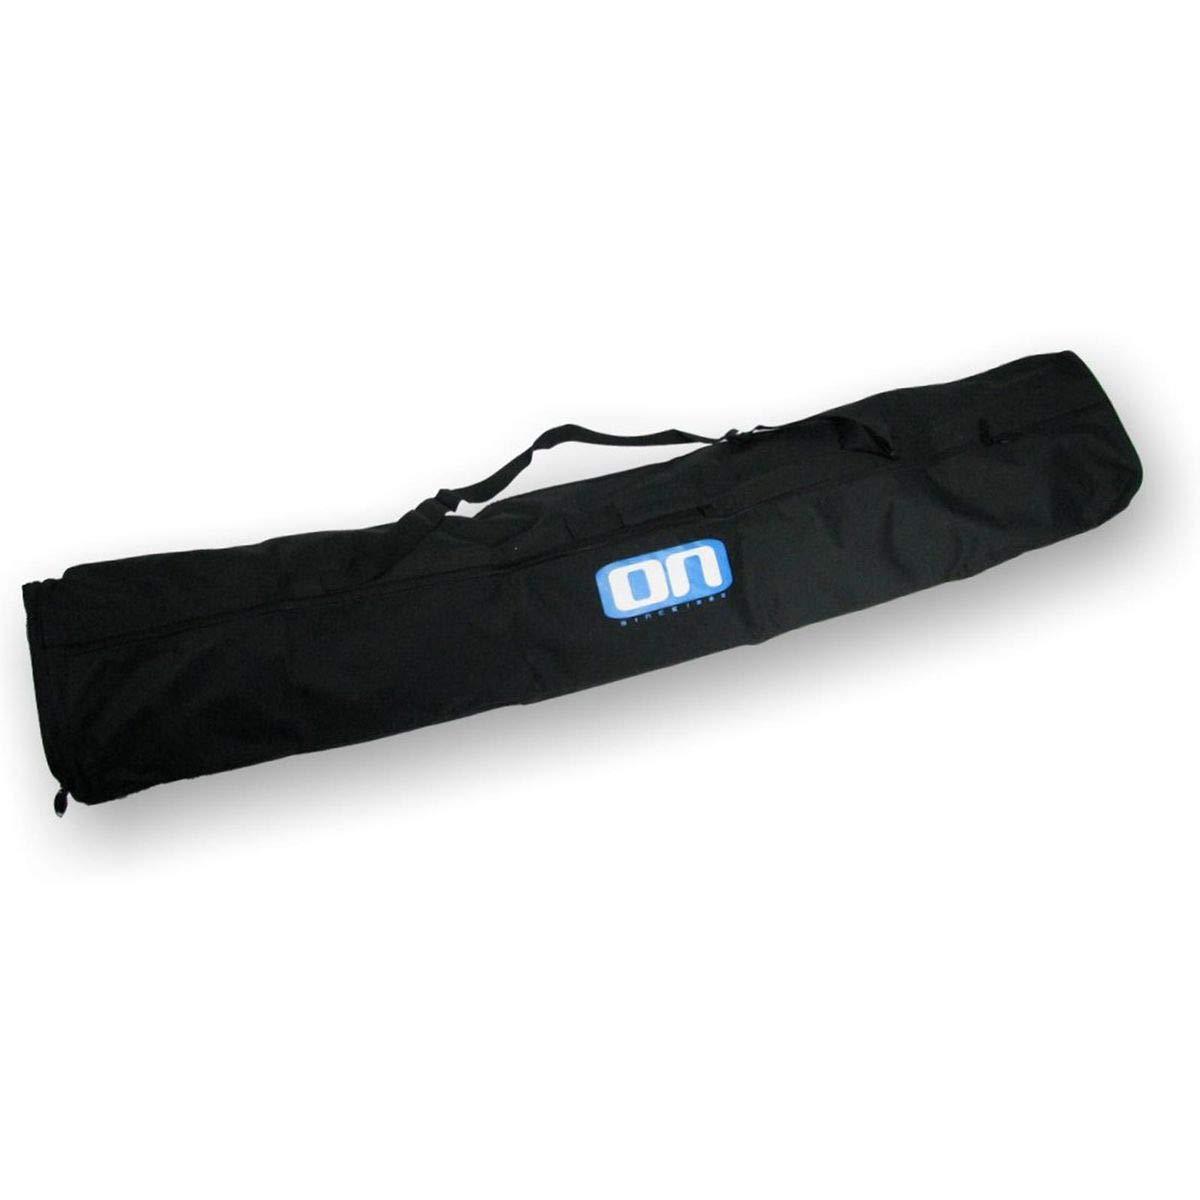 ON Ski Tasche Extender Cover 170-195x24x15cm vario Bag